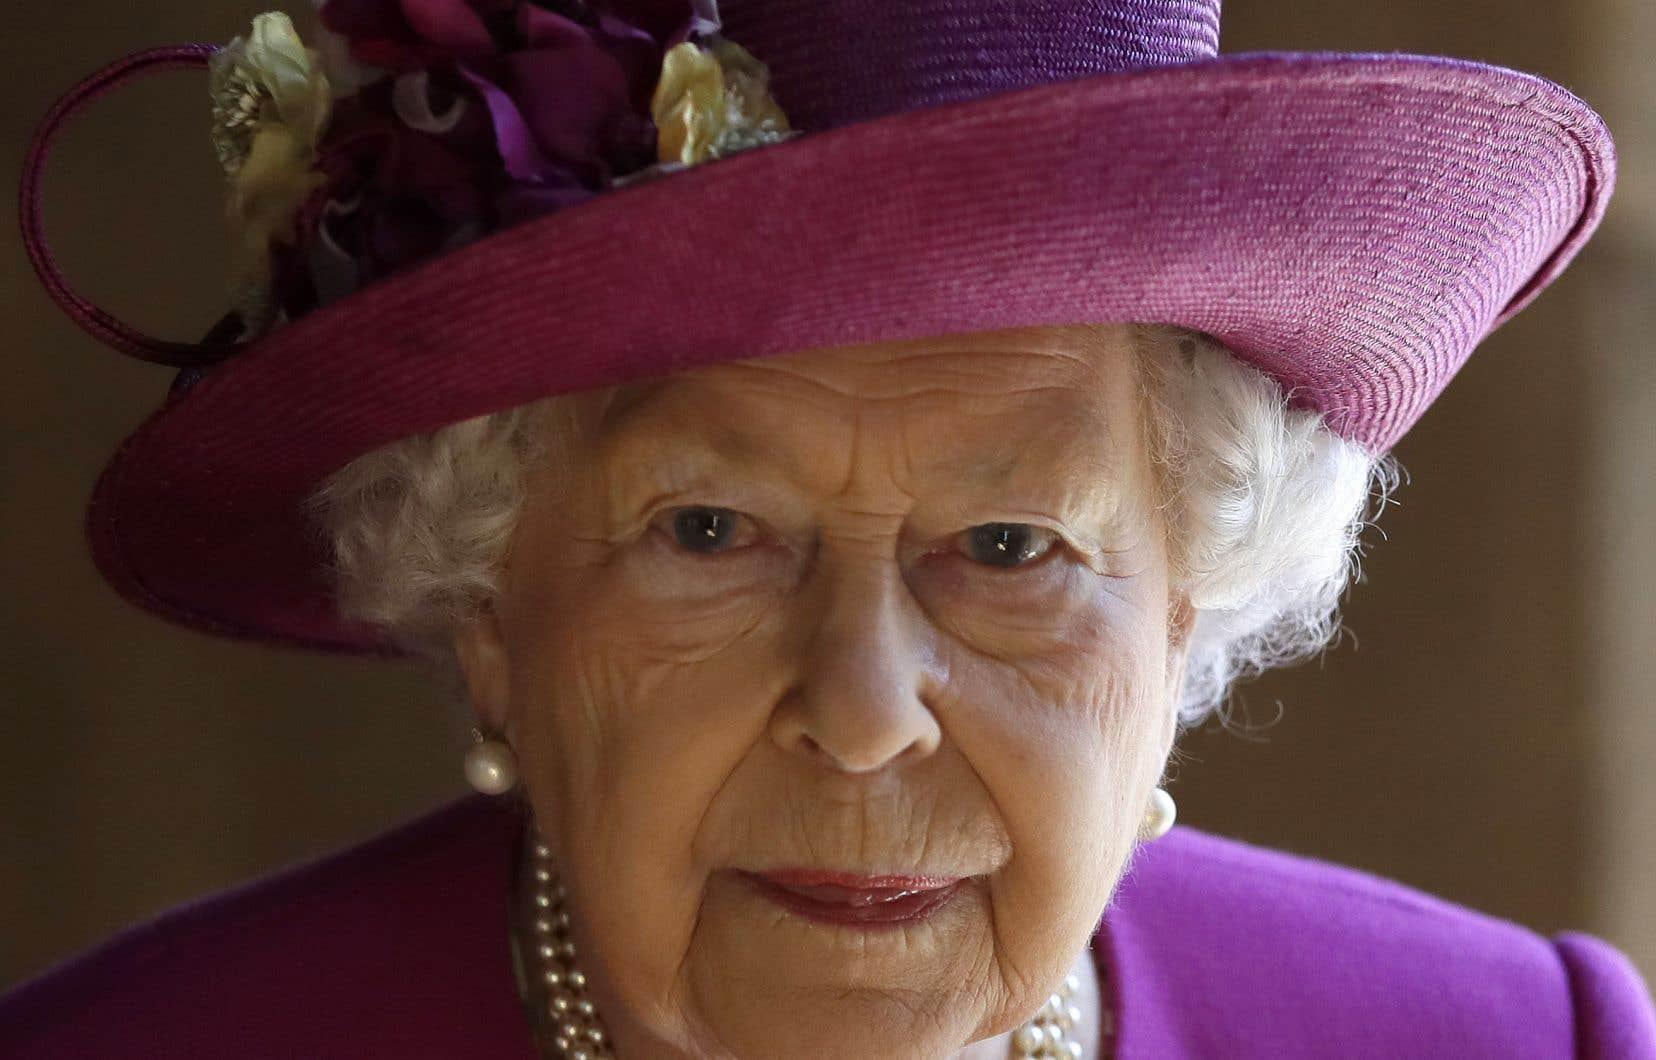 <p>La souveraine se trouve au château de Windsor avec son époux Philip, âgé de 98ans, mais passe son anniversaire sans être rejointe par les membres de la famille royale, conformément aux consignes de son gouvernement.</p>